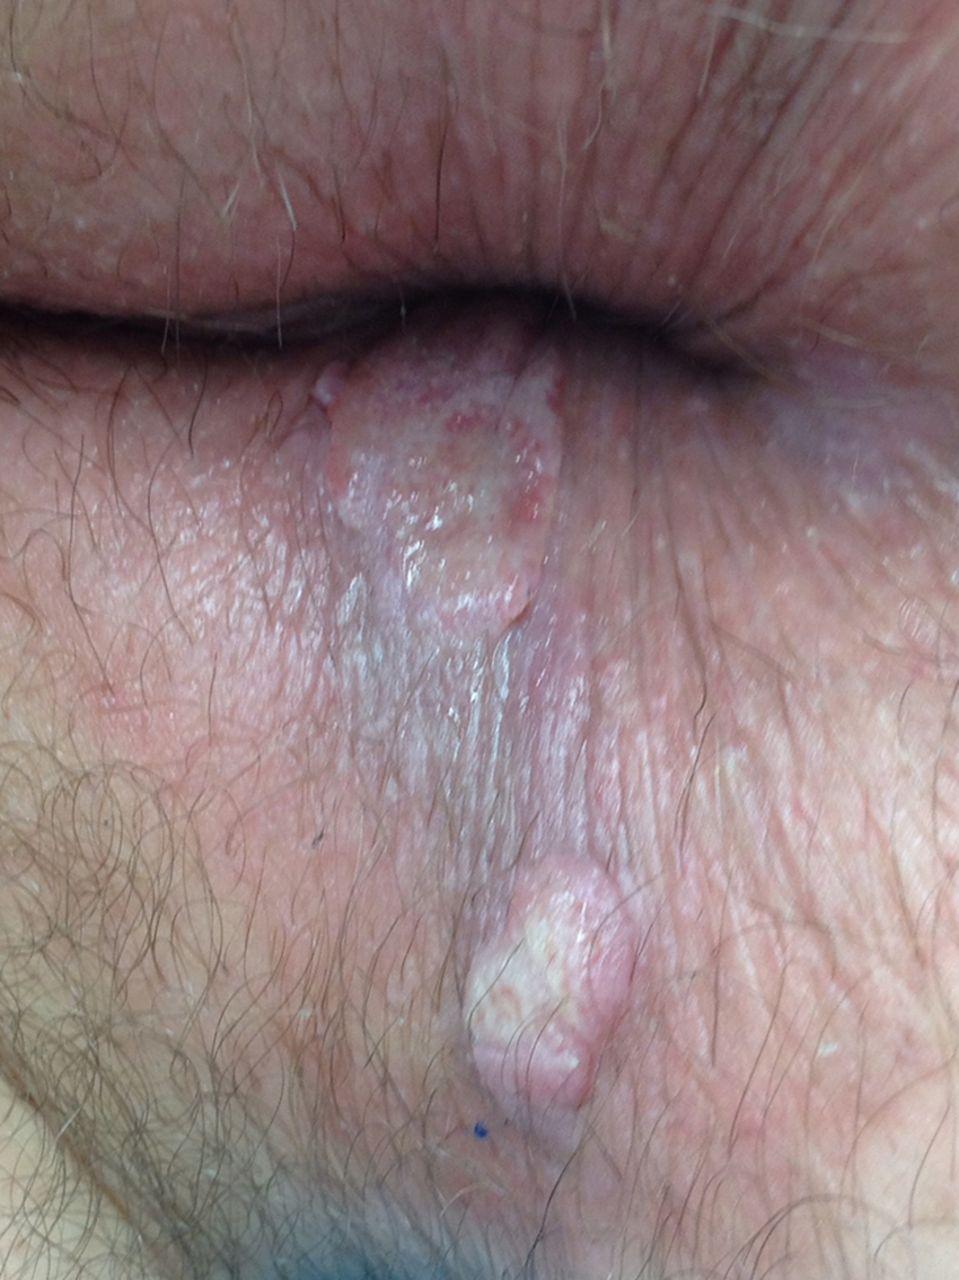 Syphilitic condylomata...